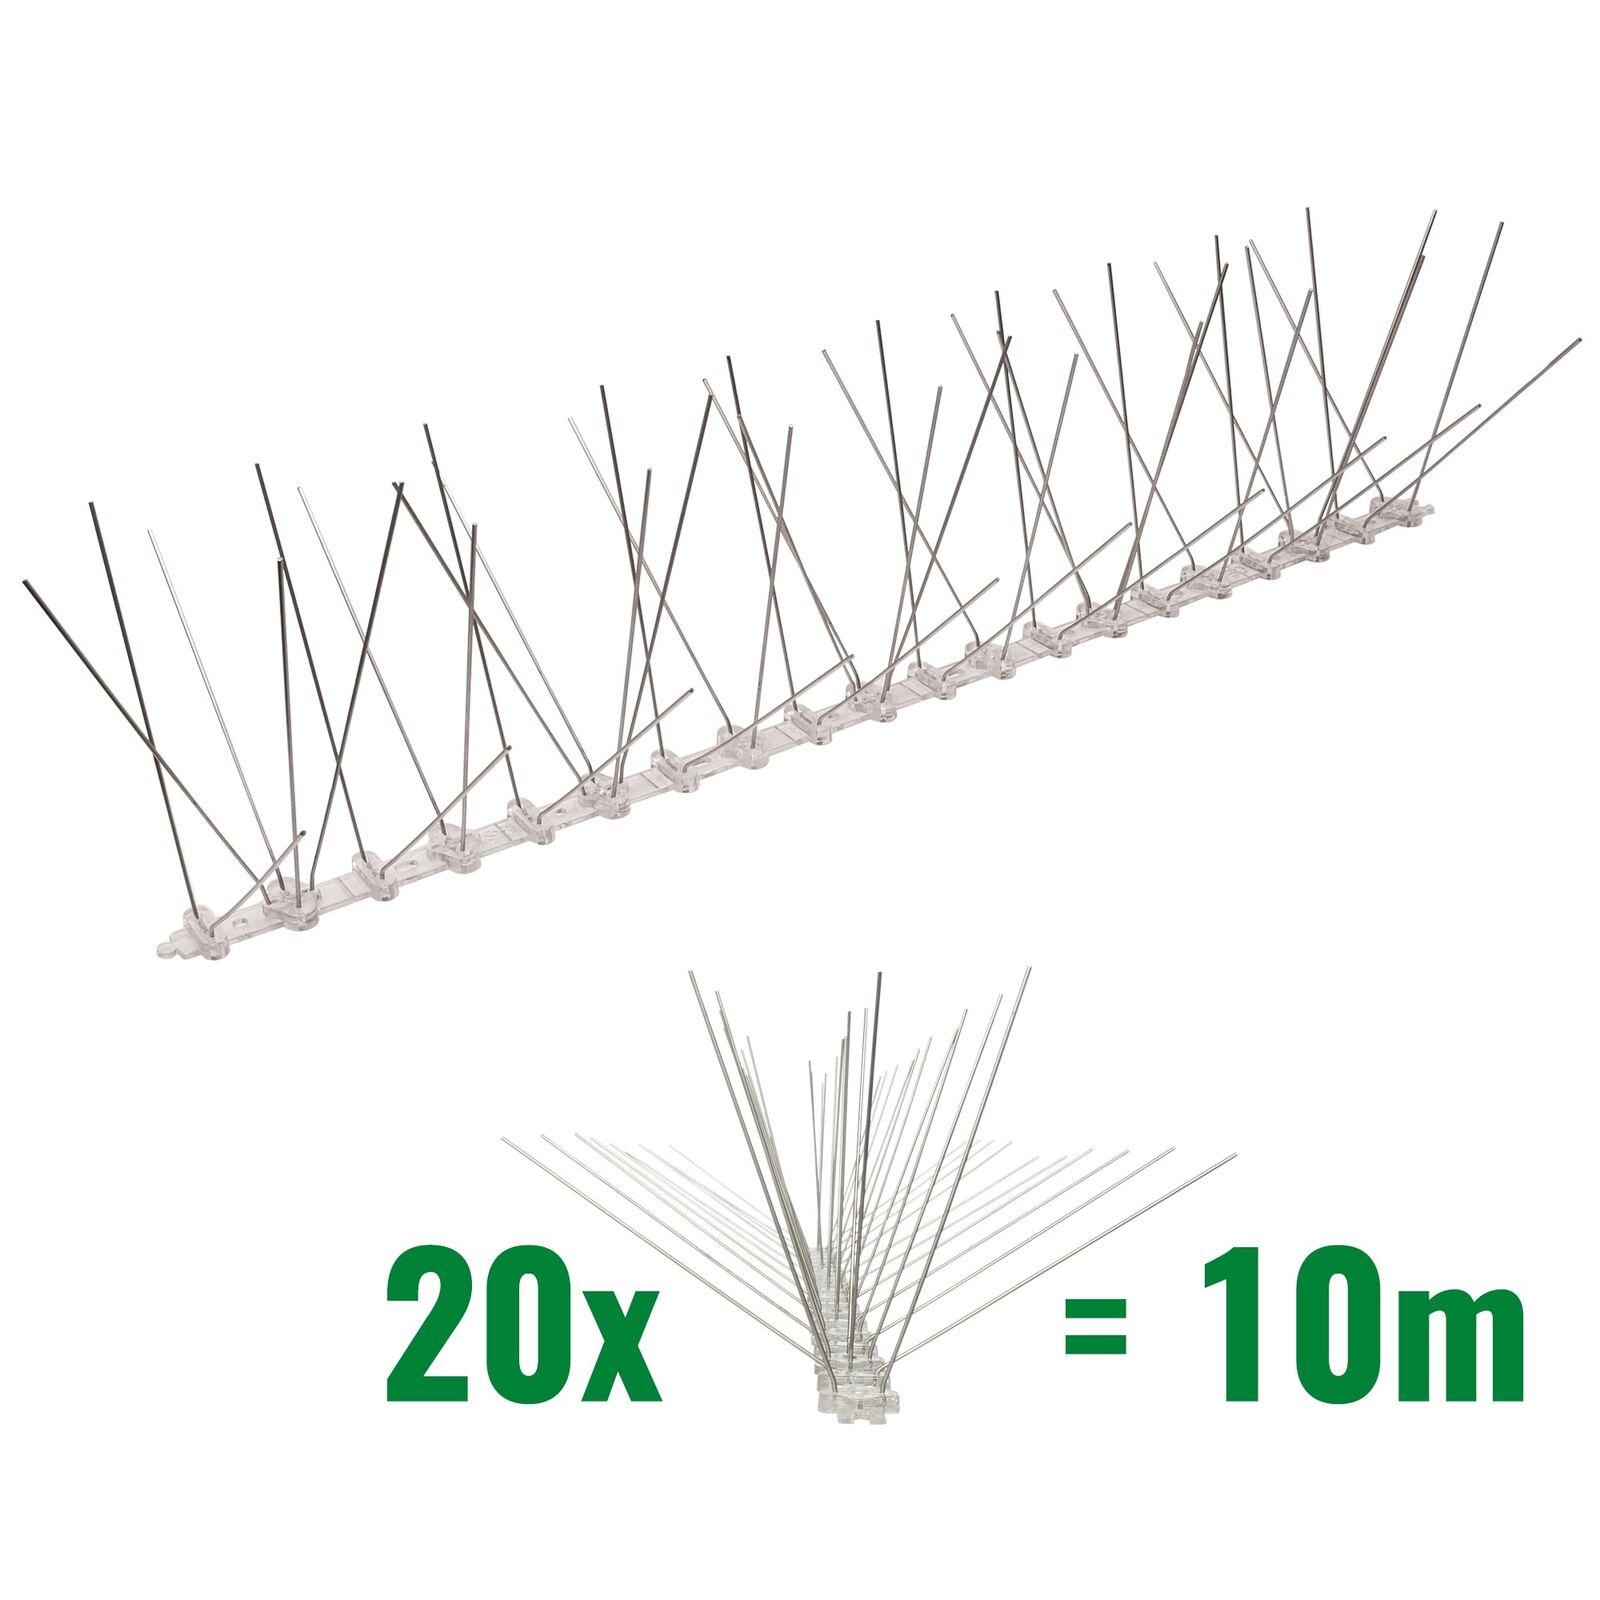 10 Meter 5-reihig Taubenspikes Taubenspikes Taubenspikes auf Polycarbonat - Vogelabwehr Taubenabwehrspikes f0f508